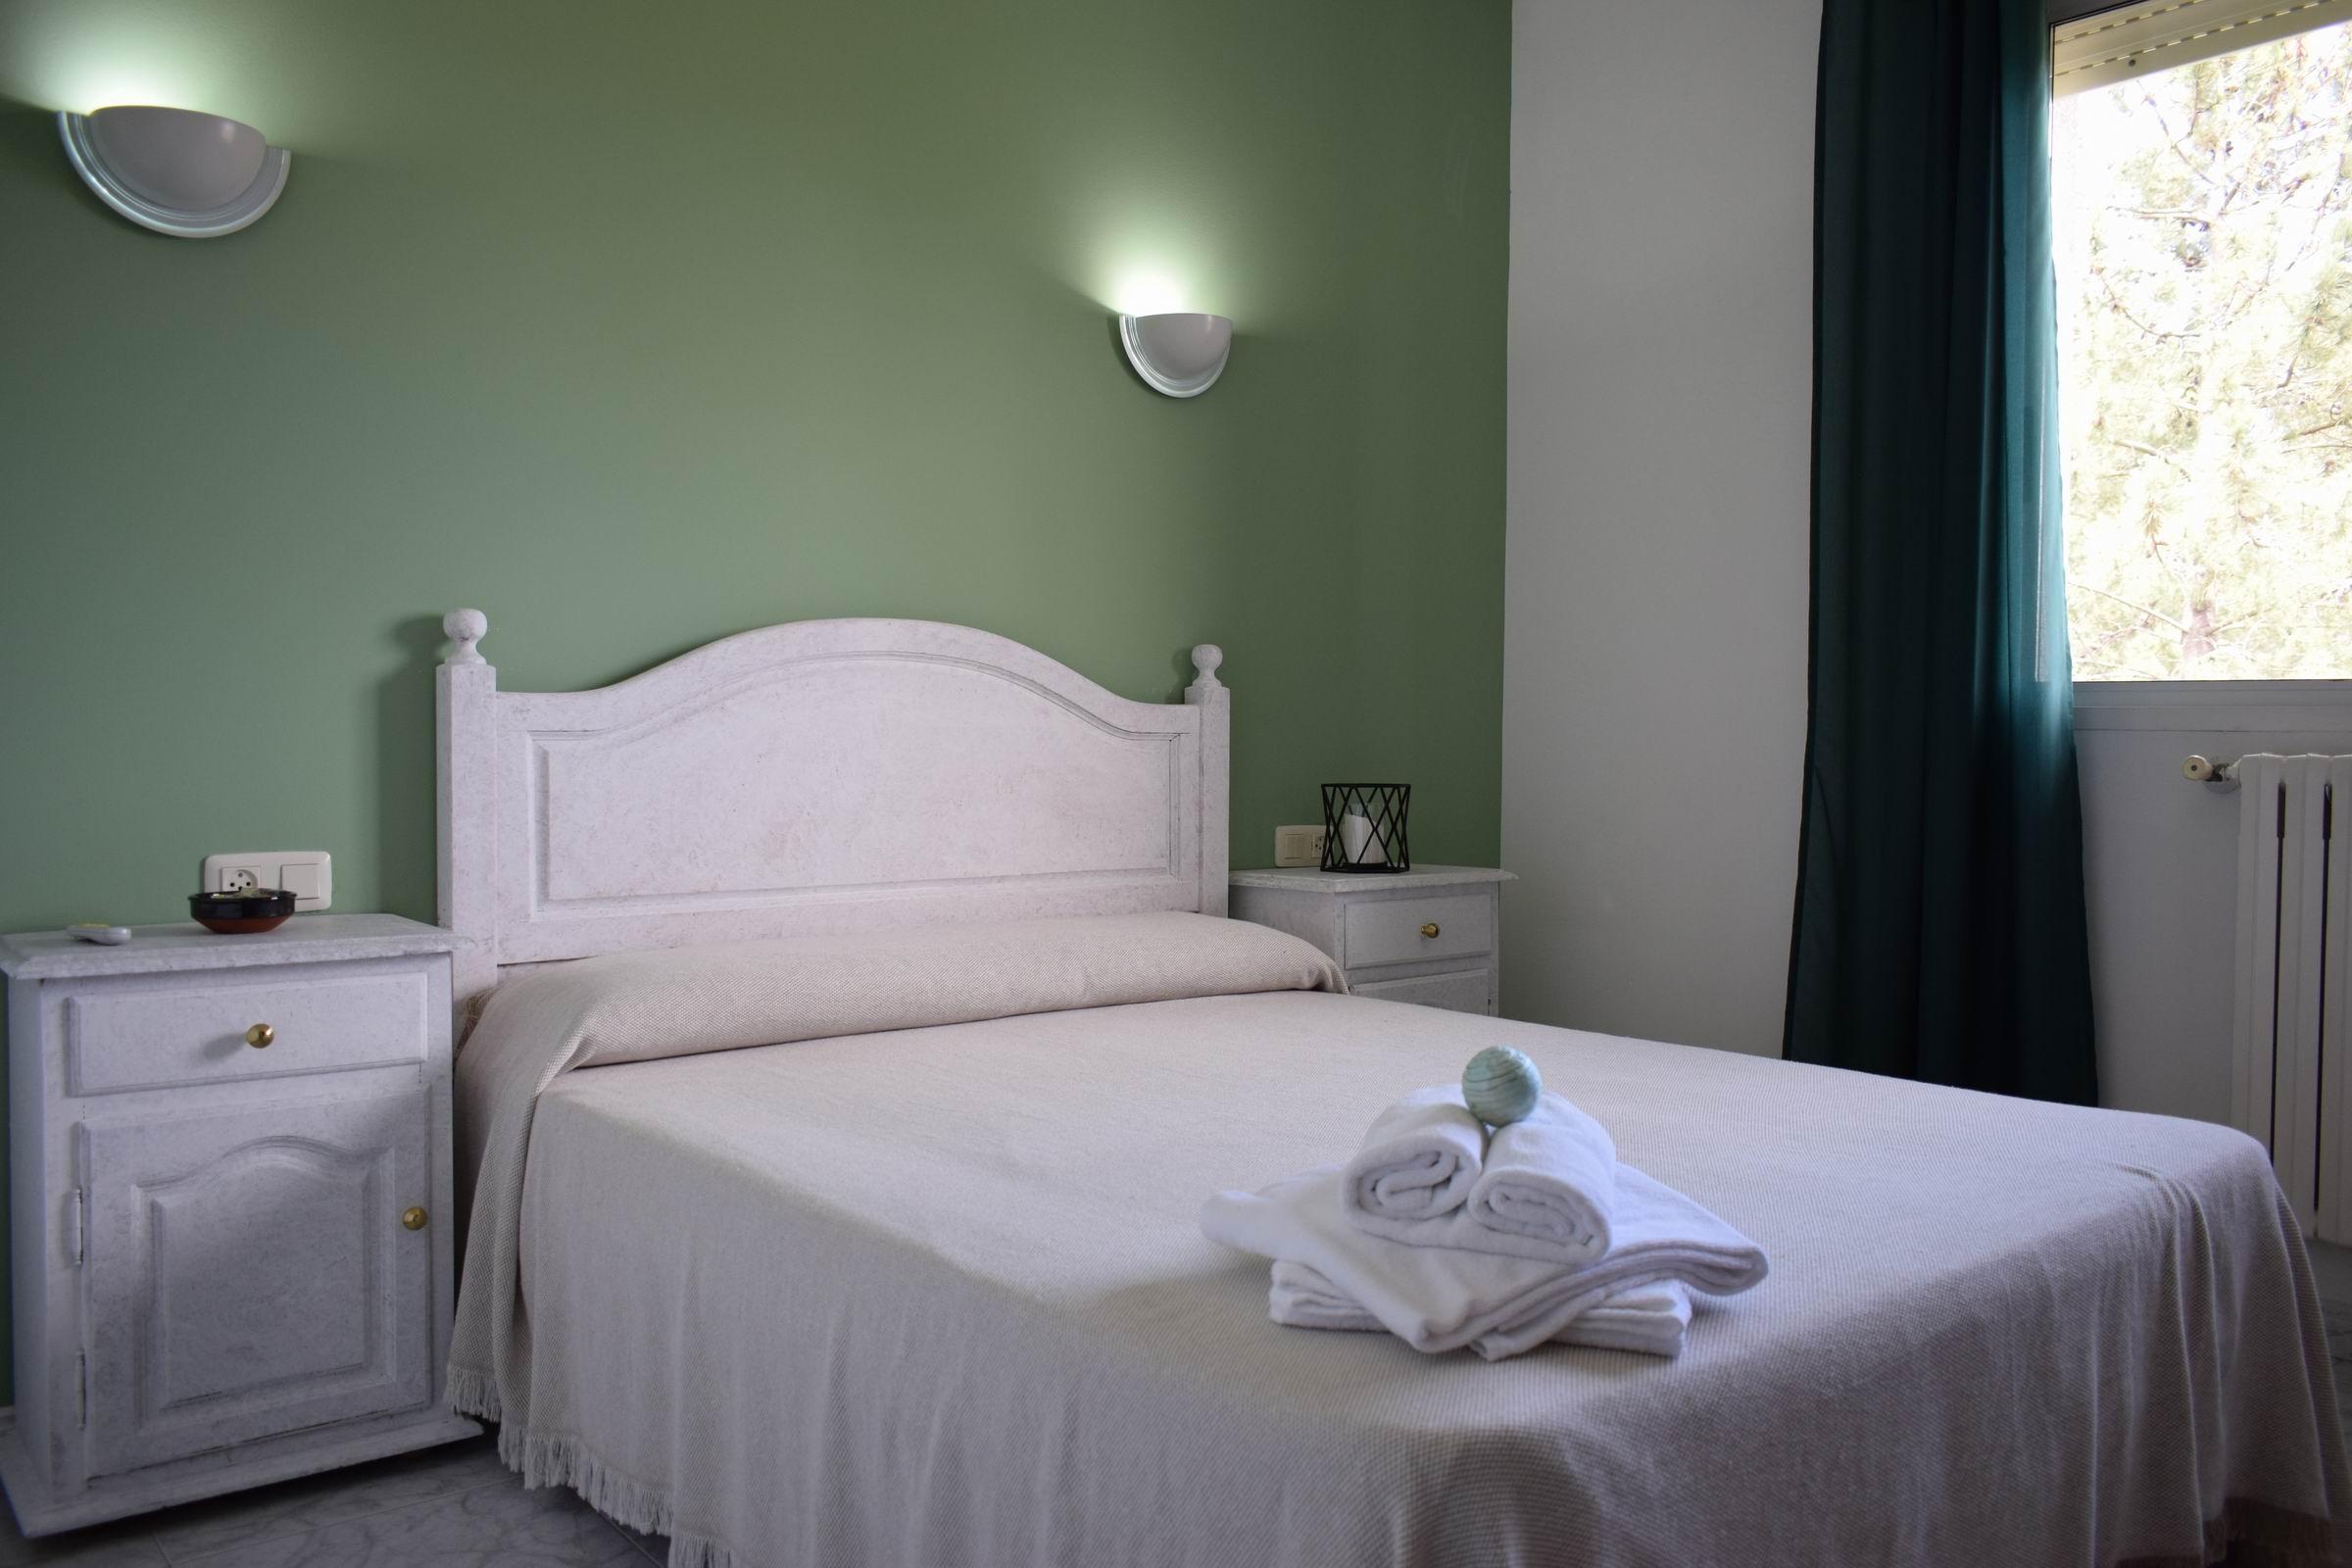 Hotel VIDA Xunca Blanca  -  02 Hab Basic 1